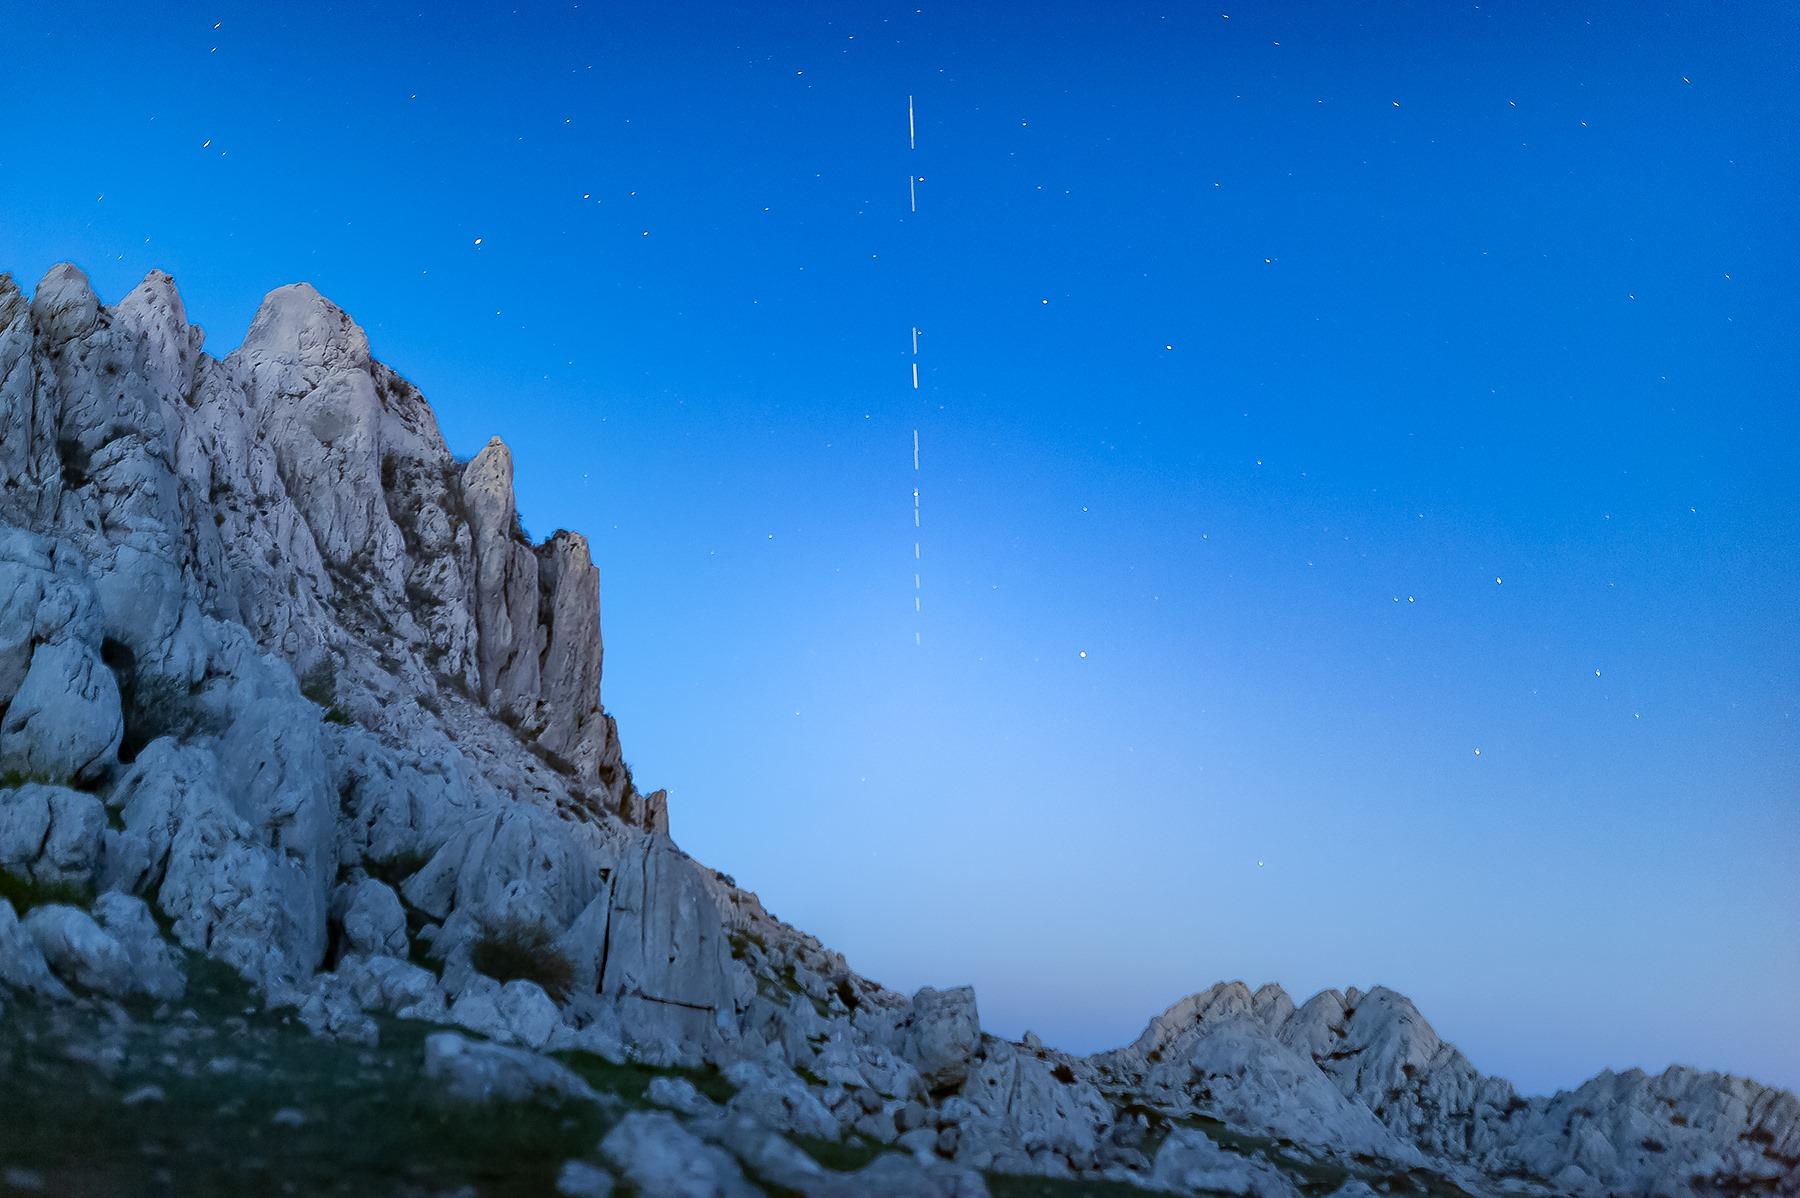 Astronomi upozoravaju: Starlink sateliti bi mogli onemogućiti promatranje neba